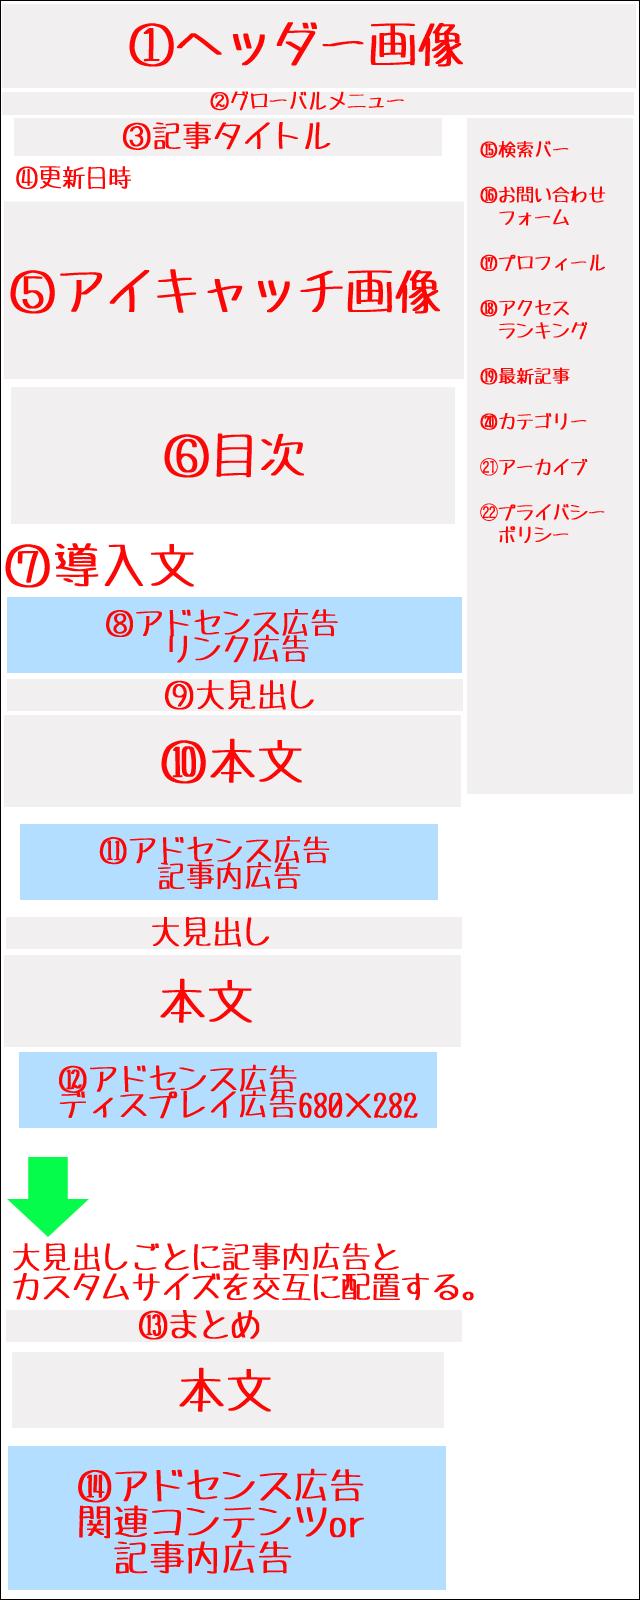 サイト全体のアドセンス広告配置図